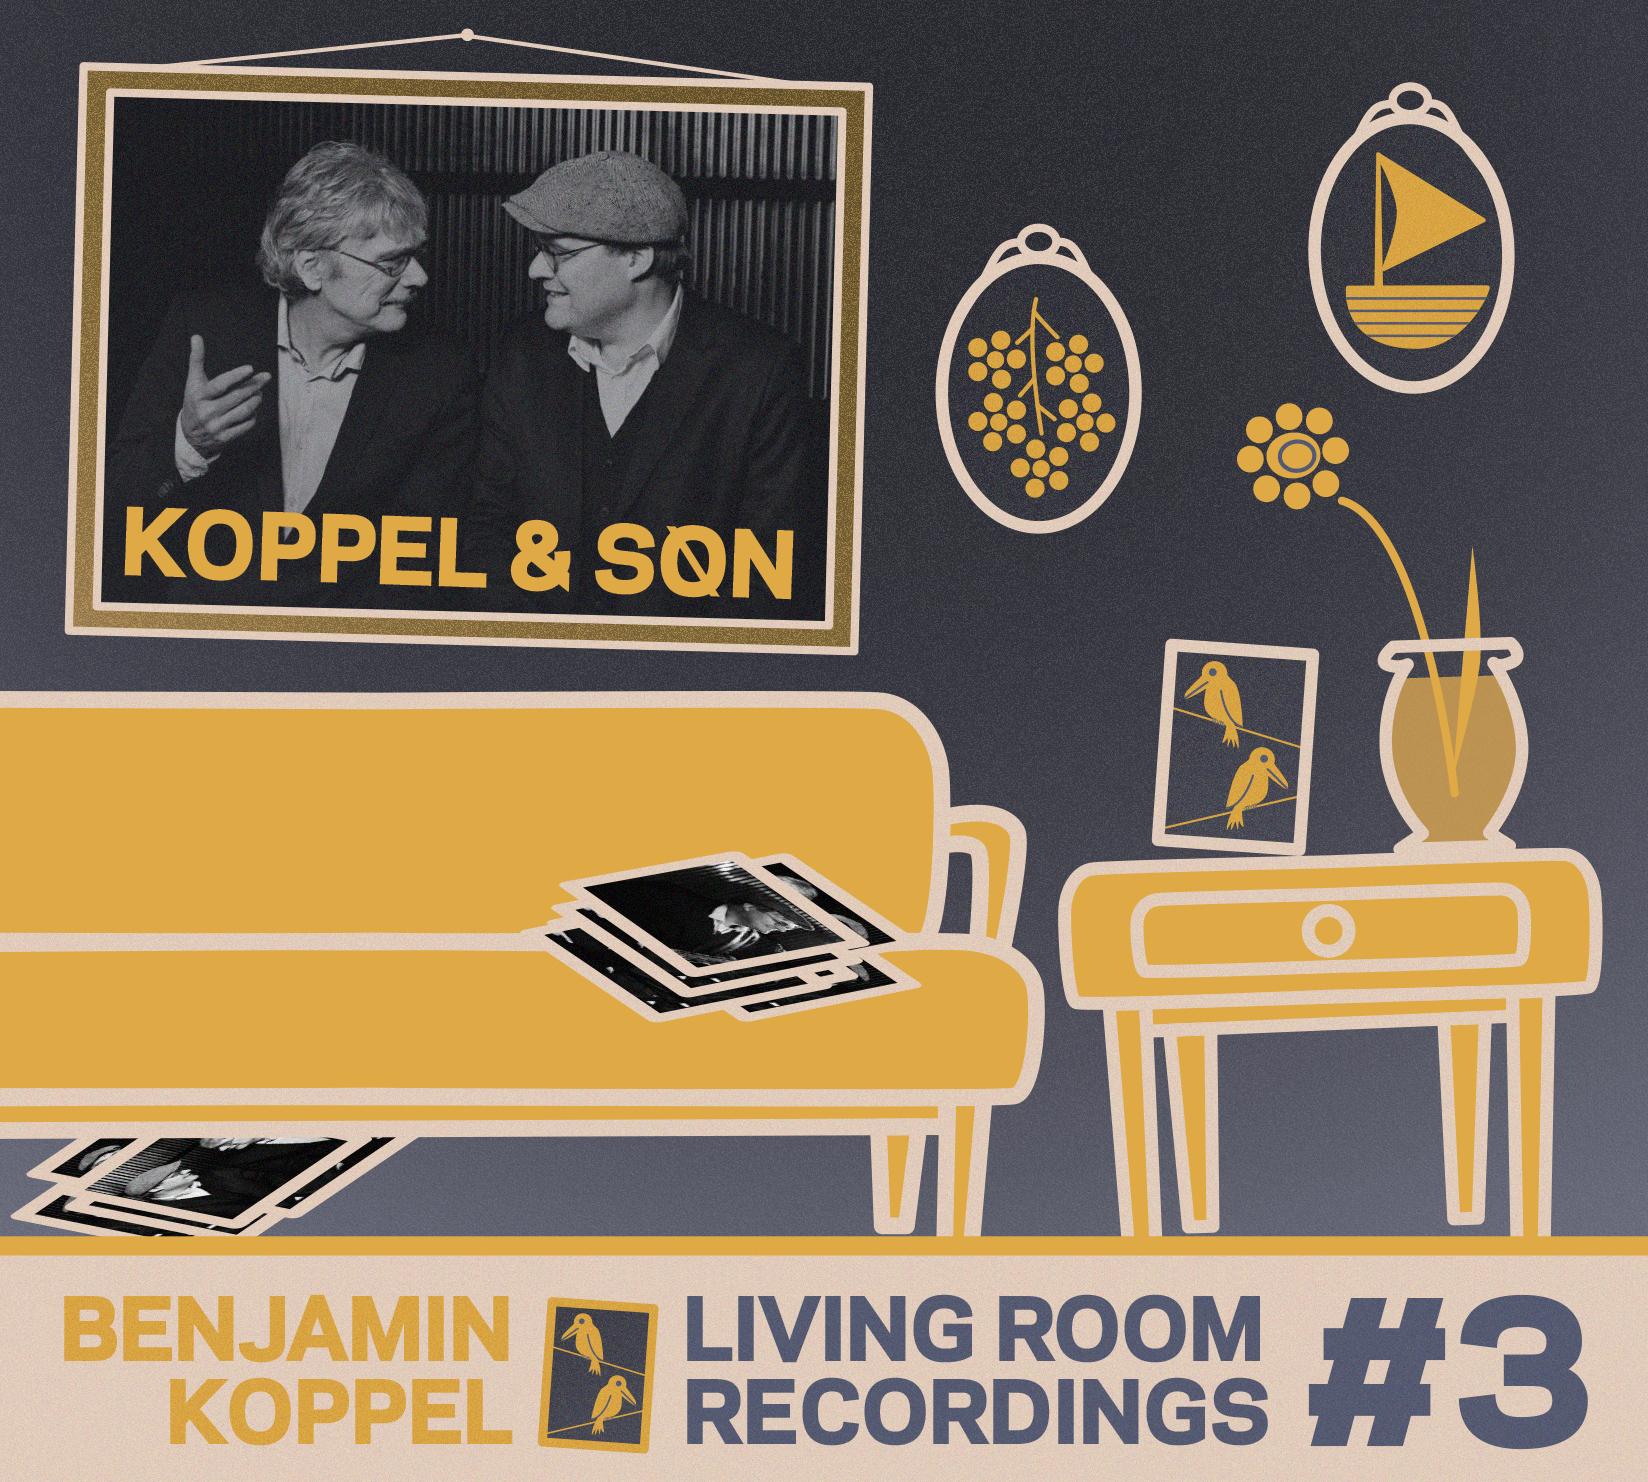 Koppel & son